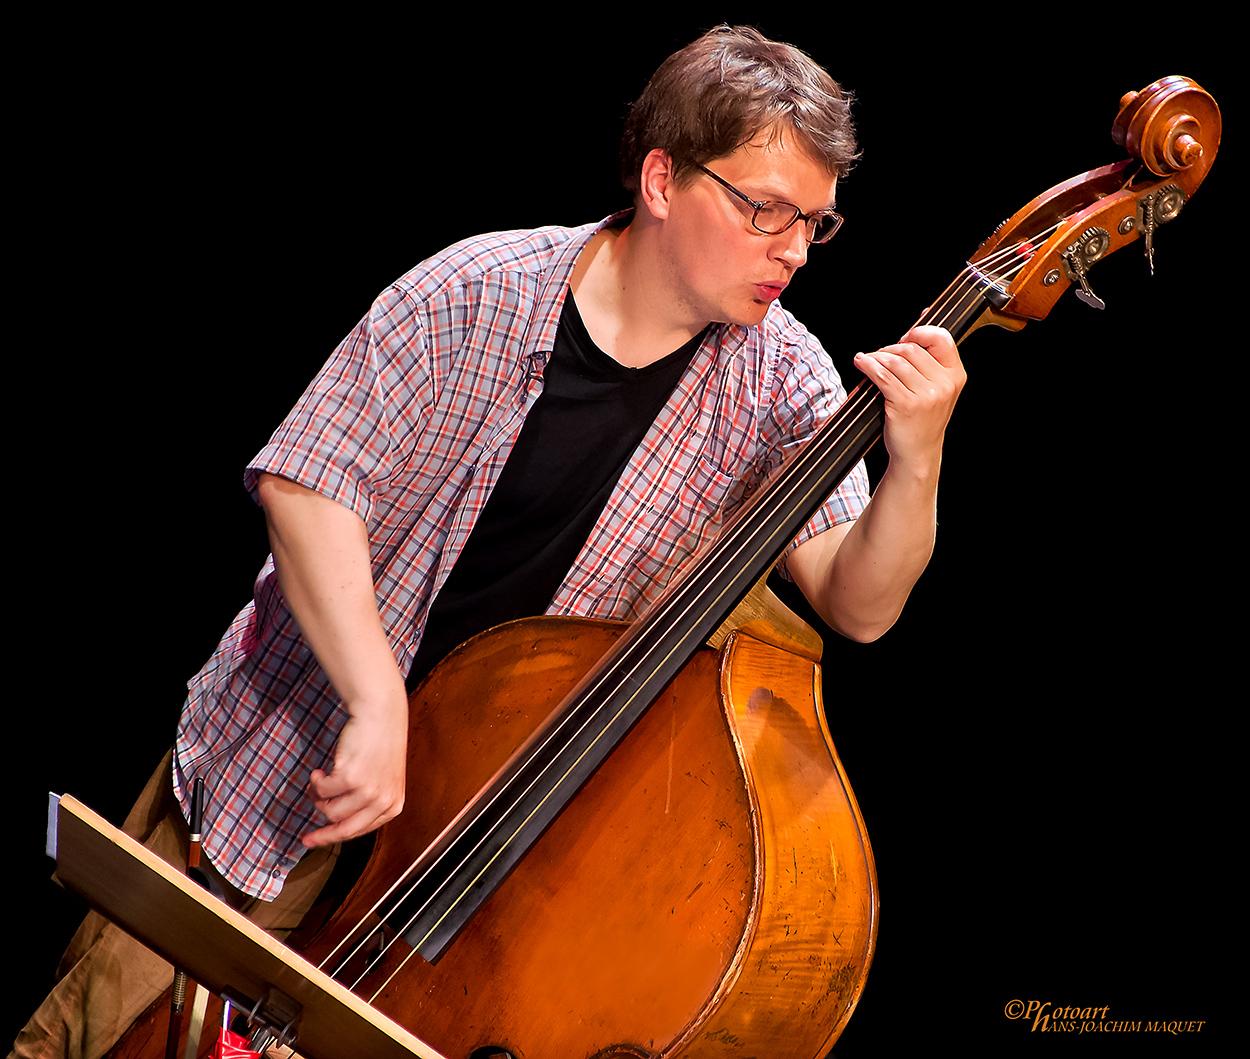 Arne Huber